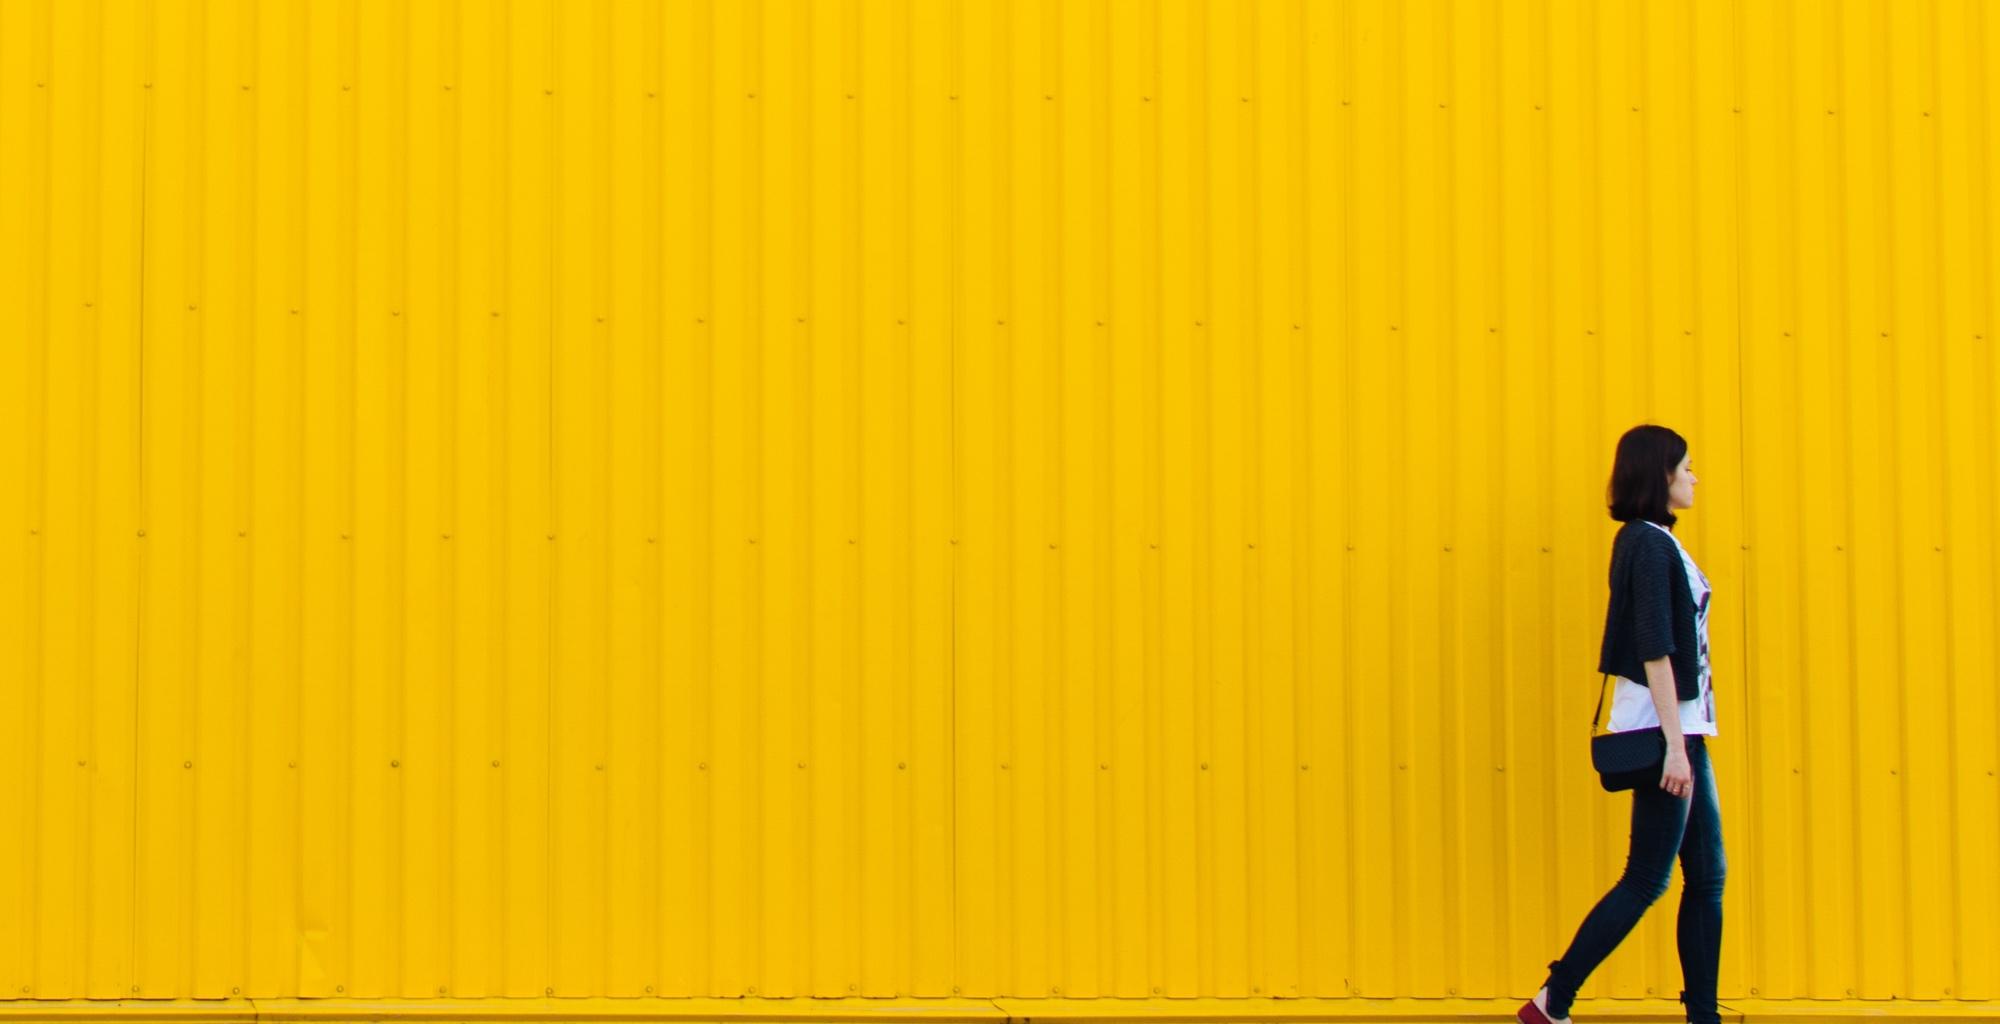 psicología del color diseño web amarillo